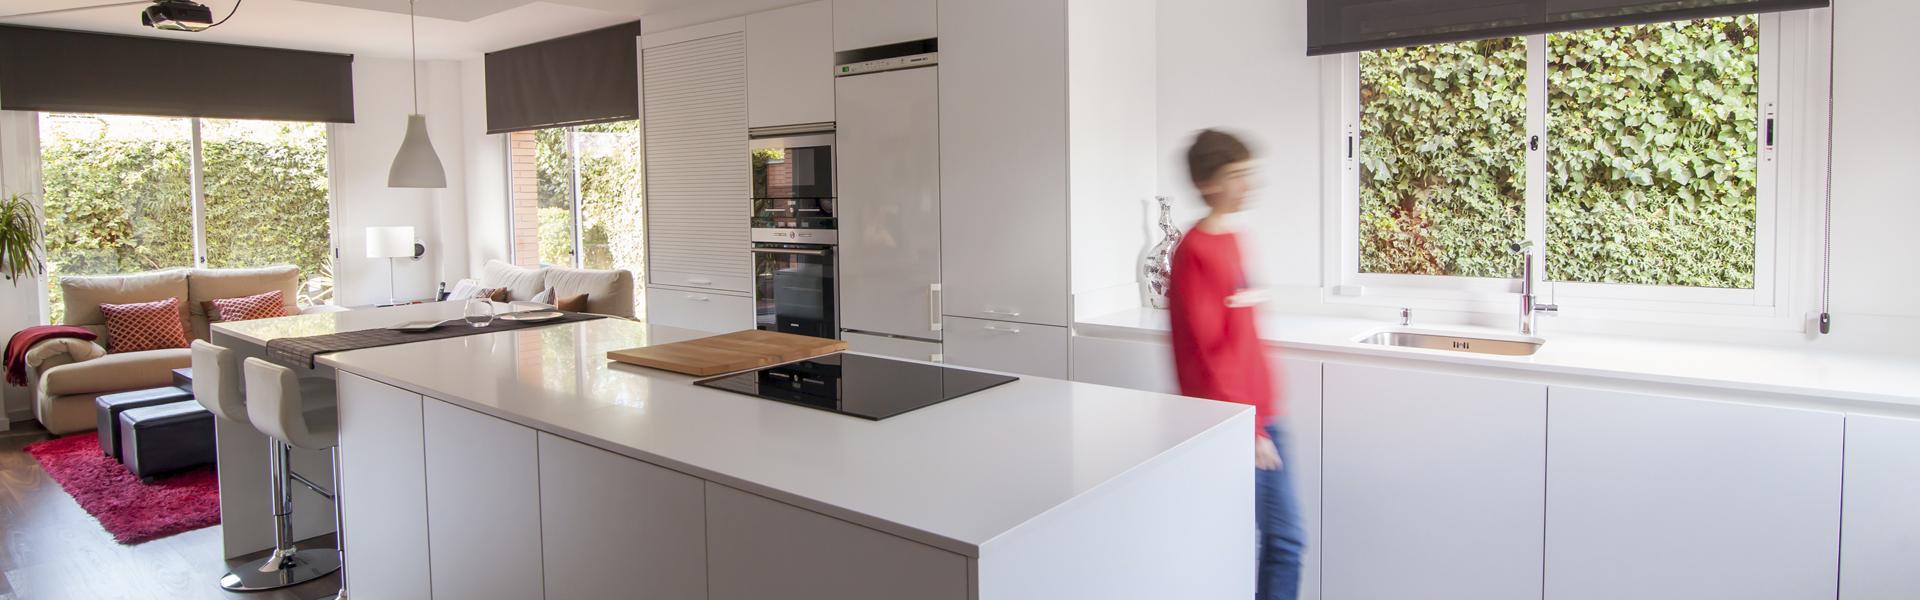 Cocinas santos nos presenta una cocina blanca con isla for Diseno de cocinas abiertas al salon